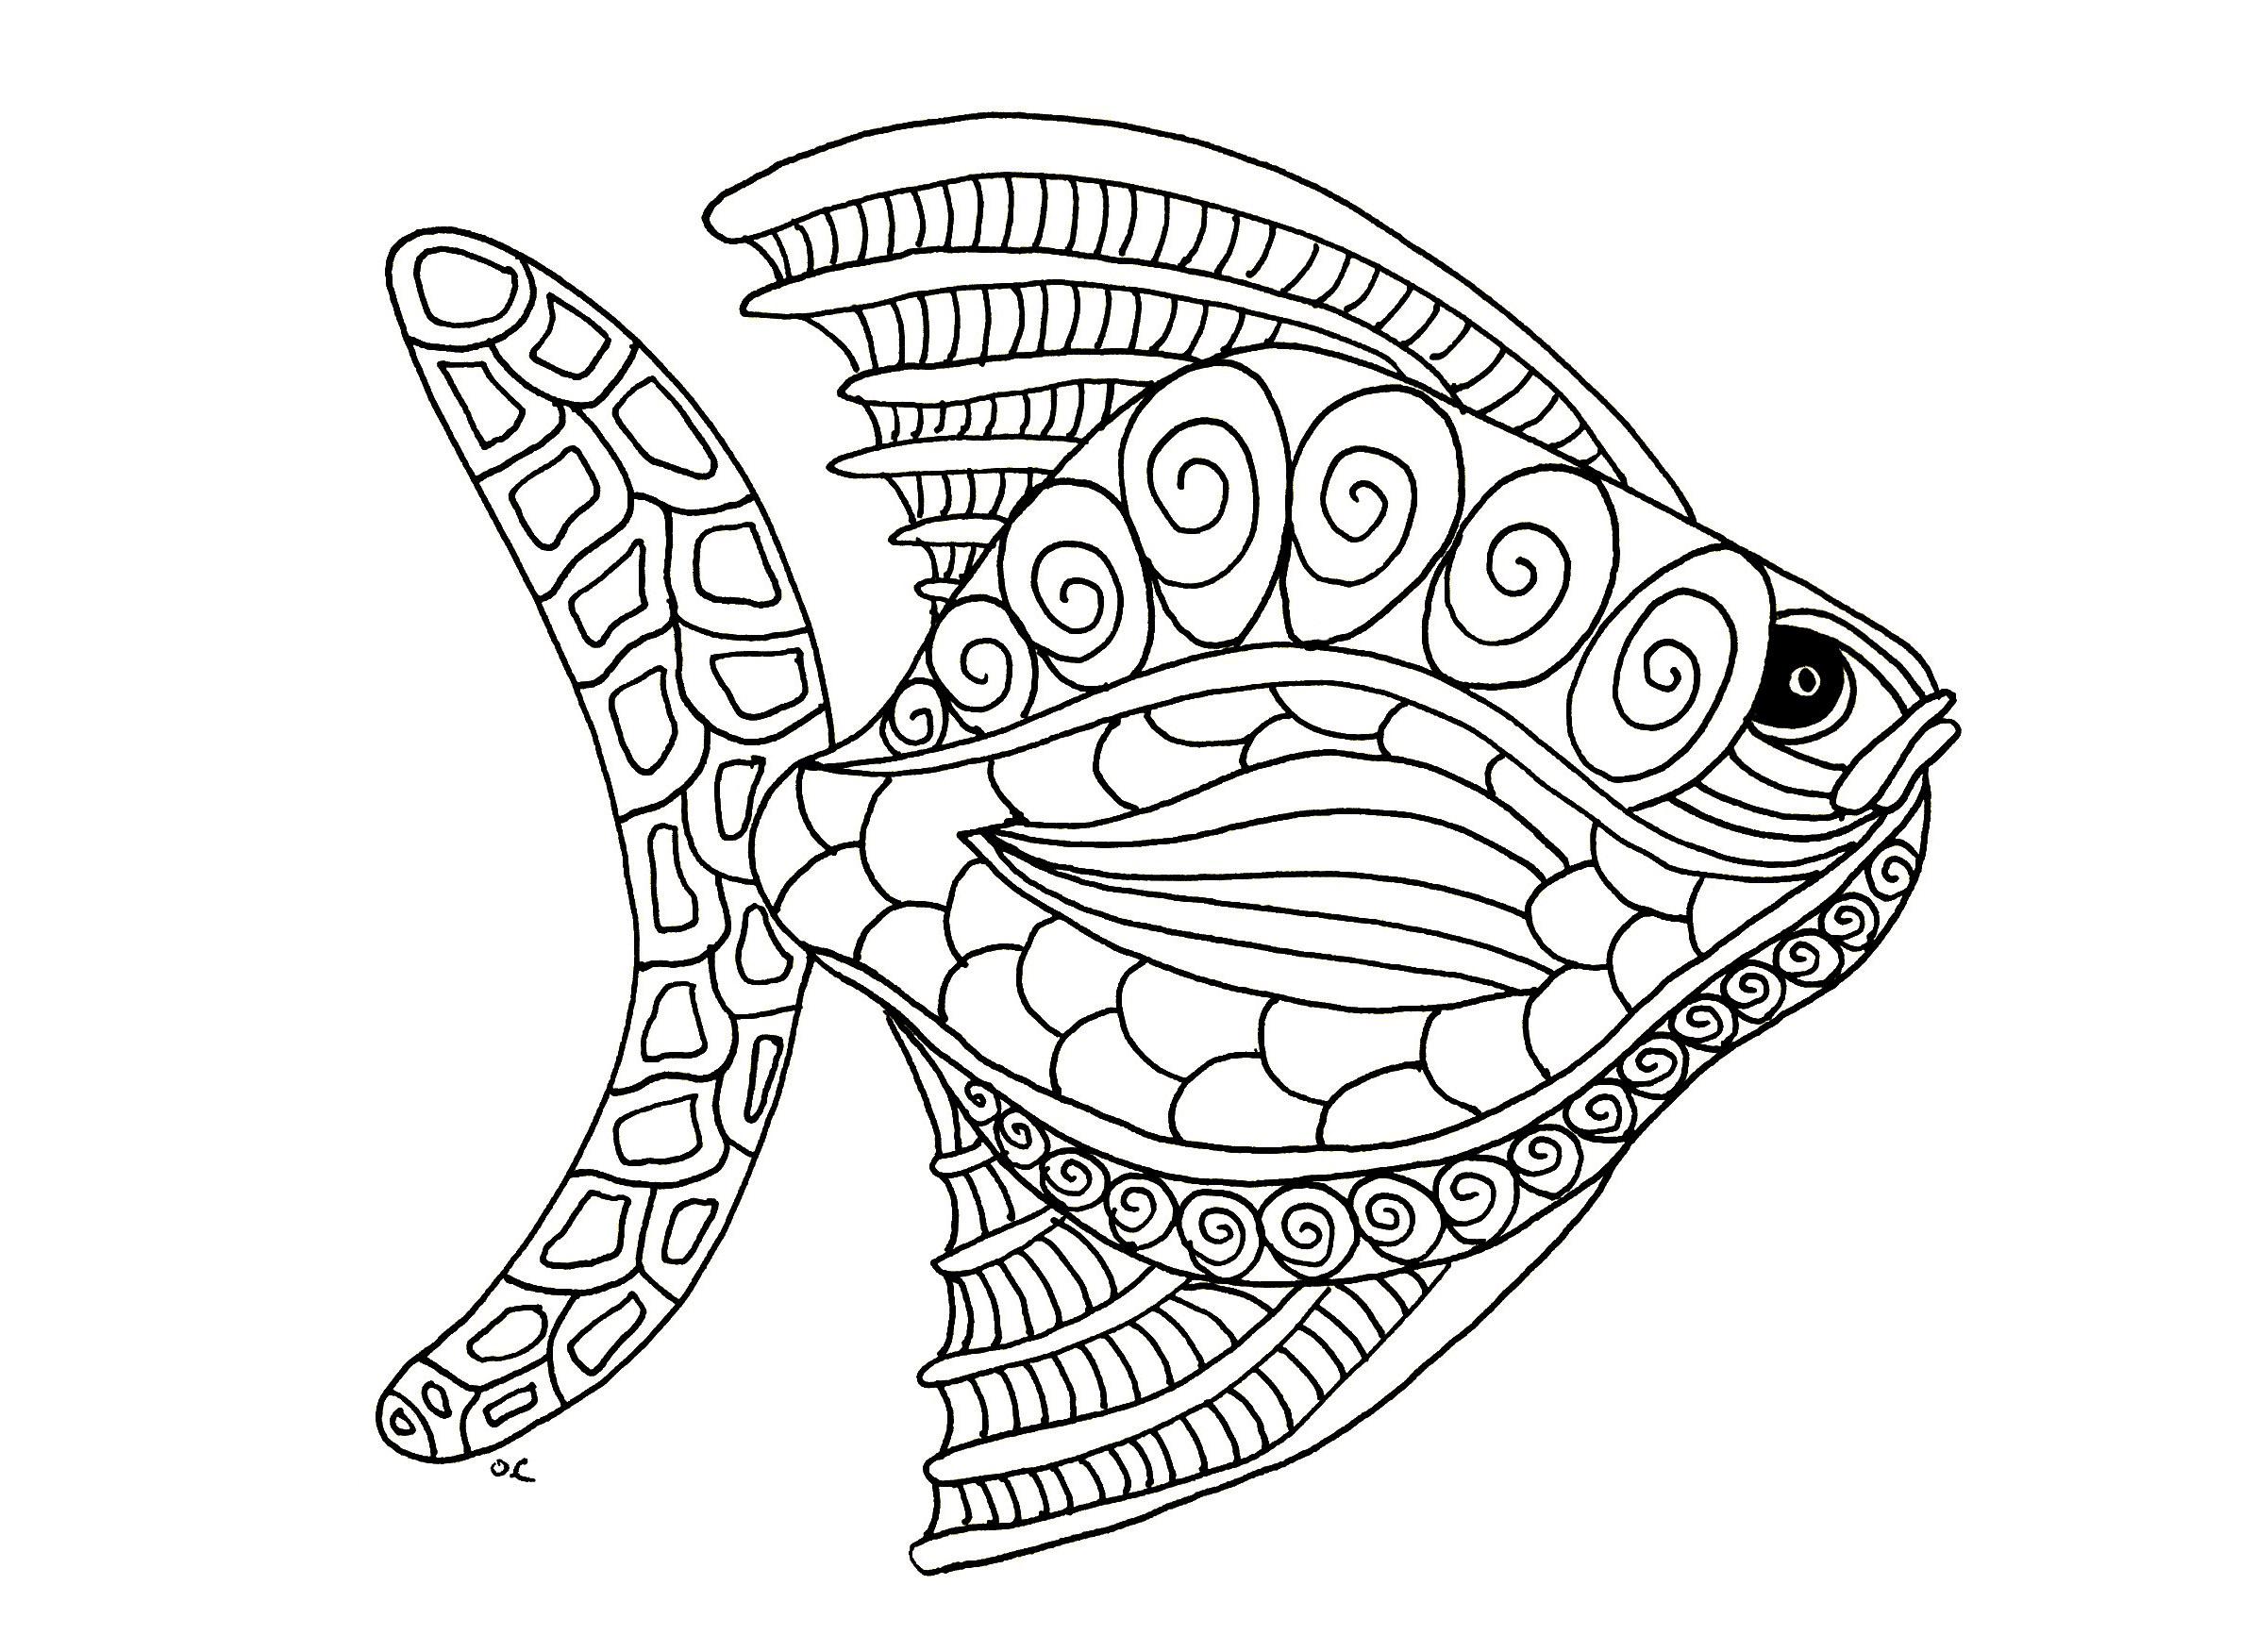 Disegni da colorare per adulti : Pesci - 13